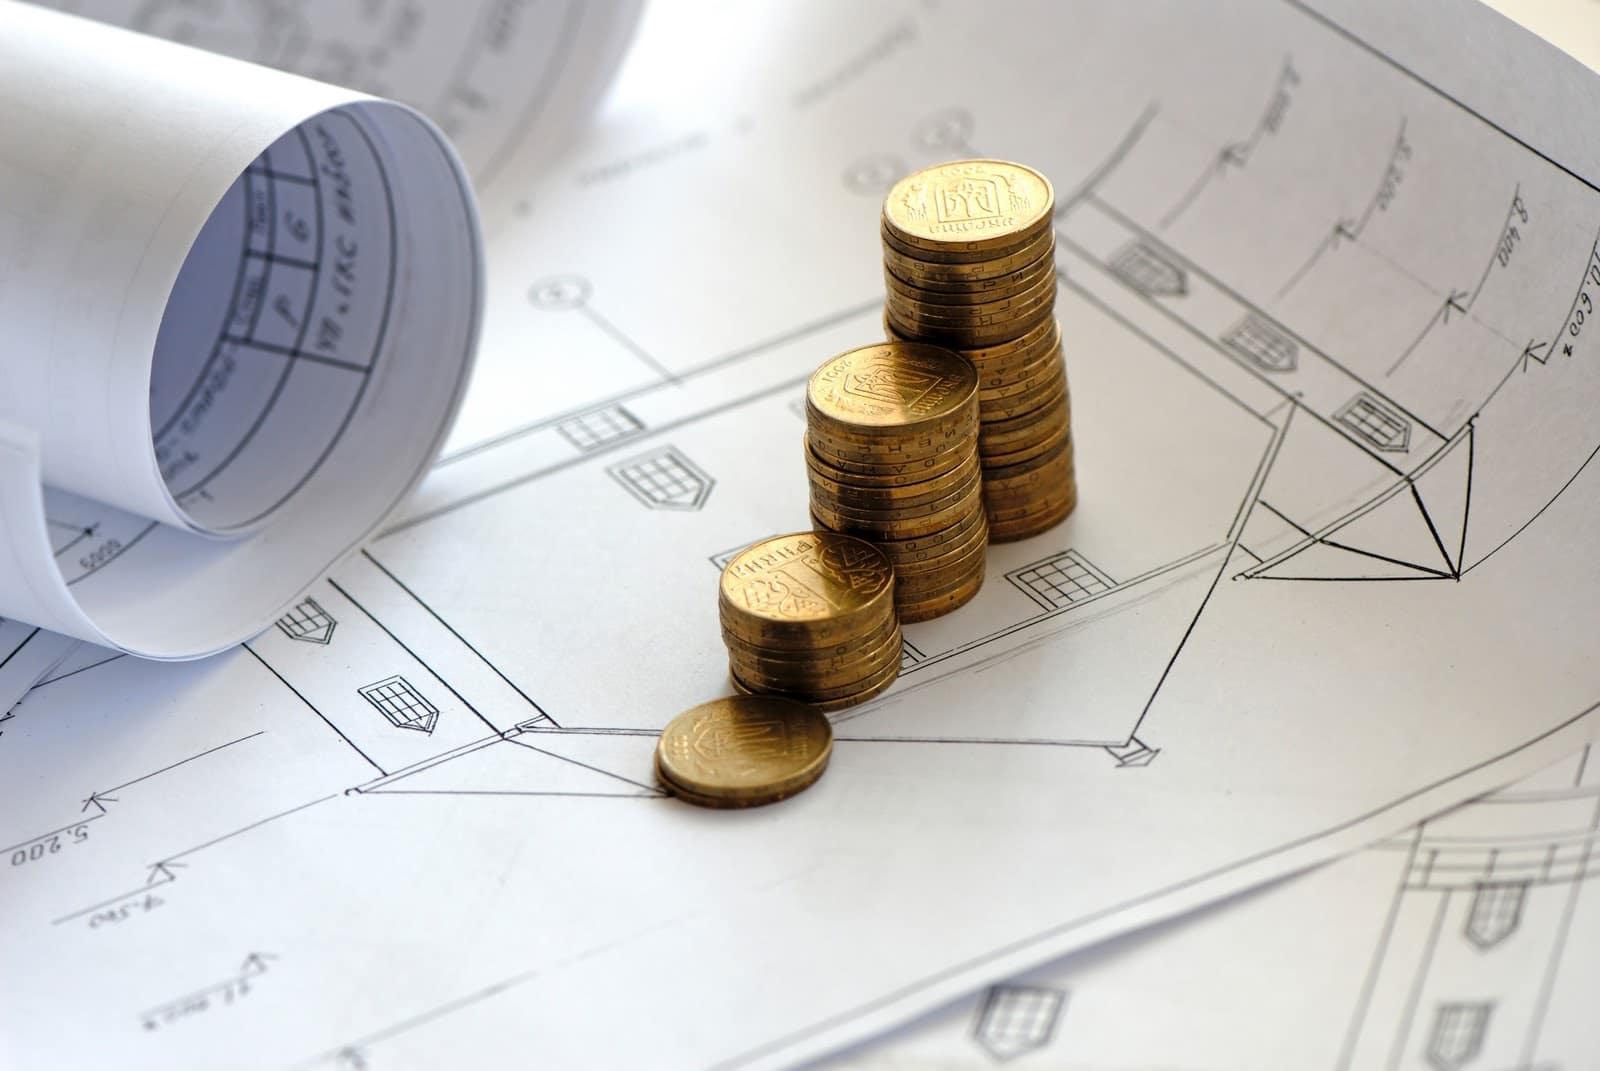 Réussir la revente d'un bien immobilier d'investissement 2